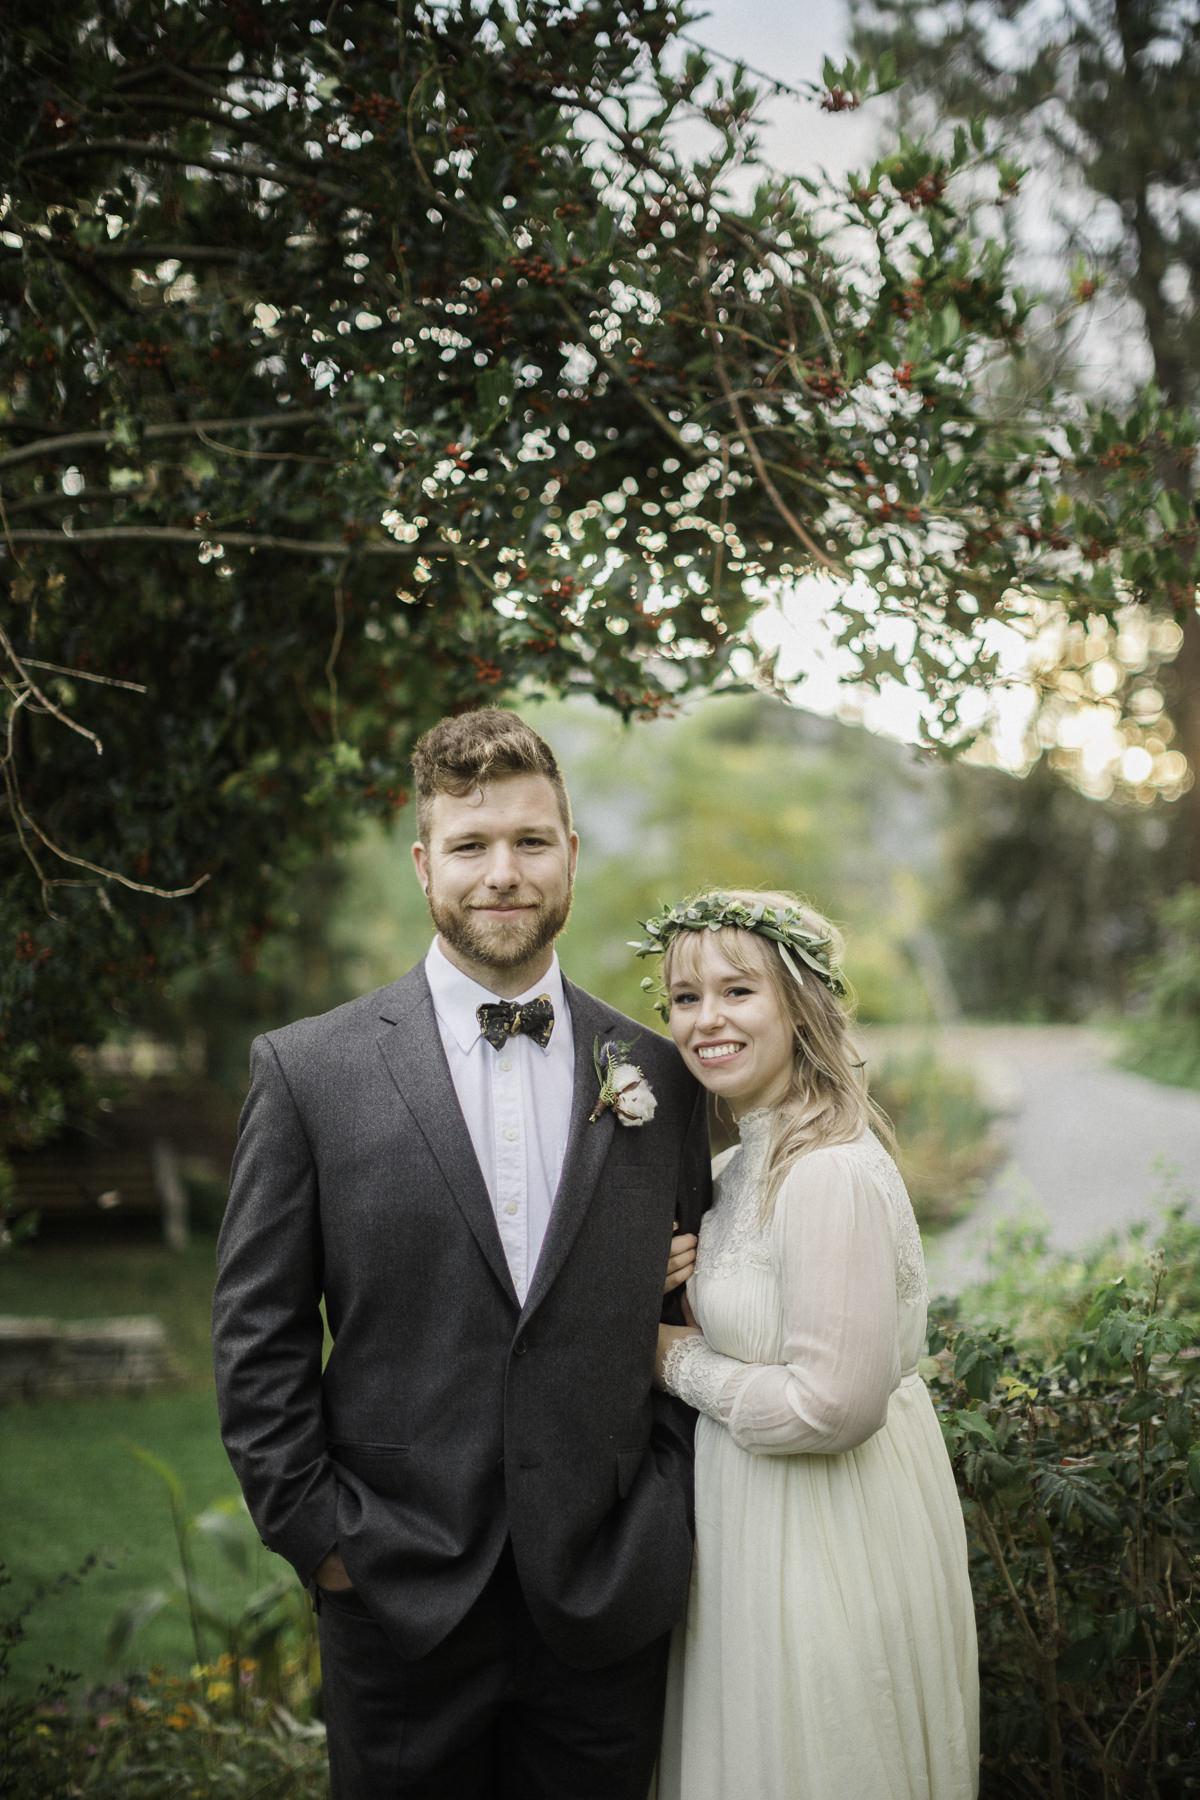 Matt-and-Chelsey-Nelson-wedding-45.jpg